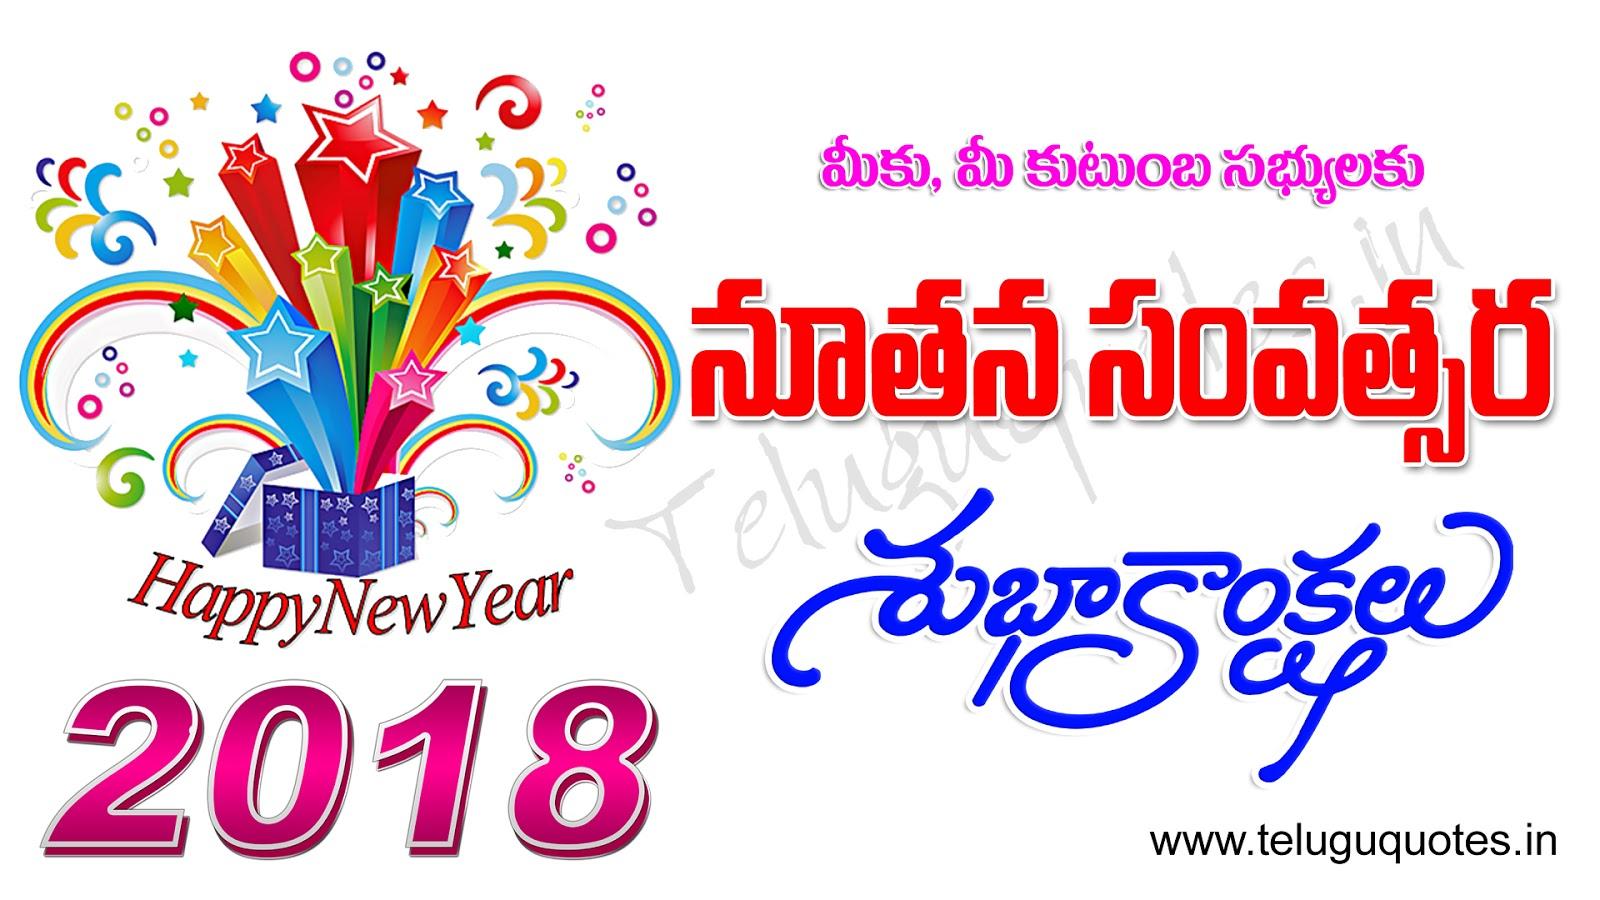 New Year Images Telugu 2018 Telugu Quotes